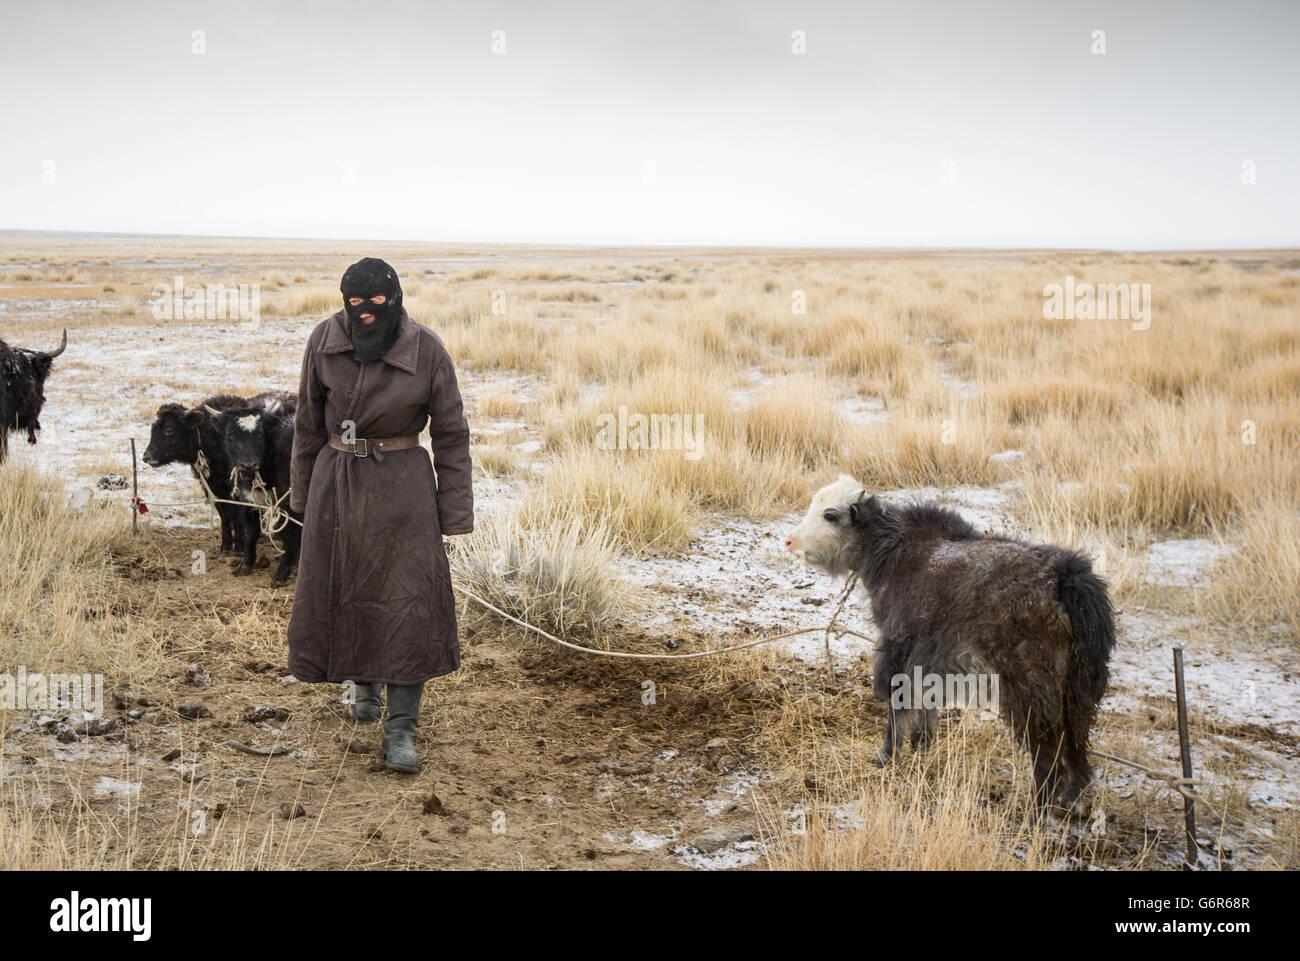 Hombre nómada con jóvenes yak en una fría mañana en el oeste de Mongolia Imagen De Stock